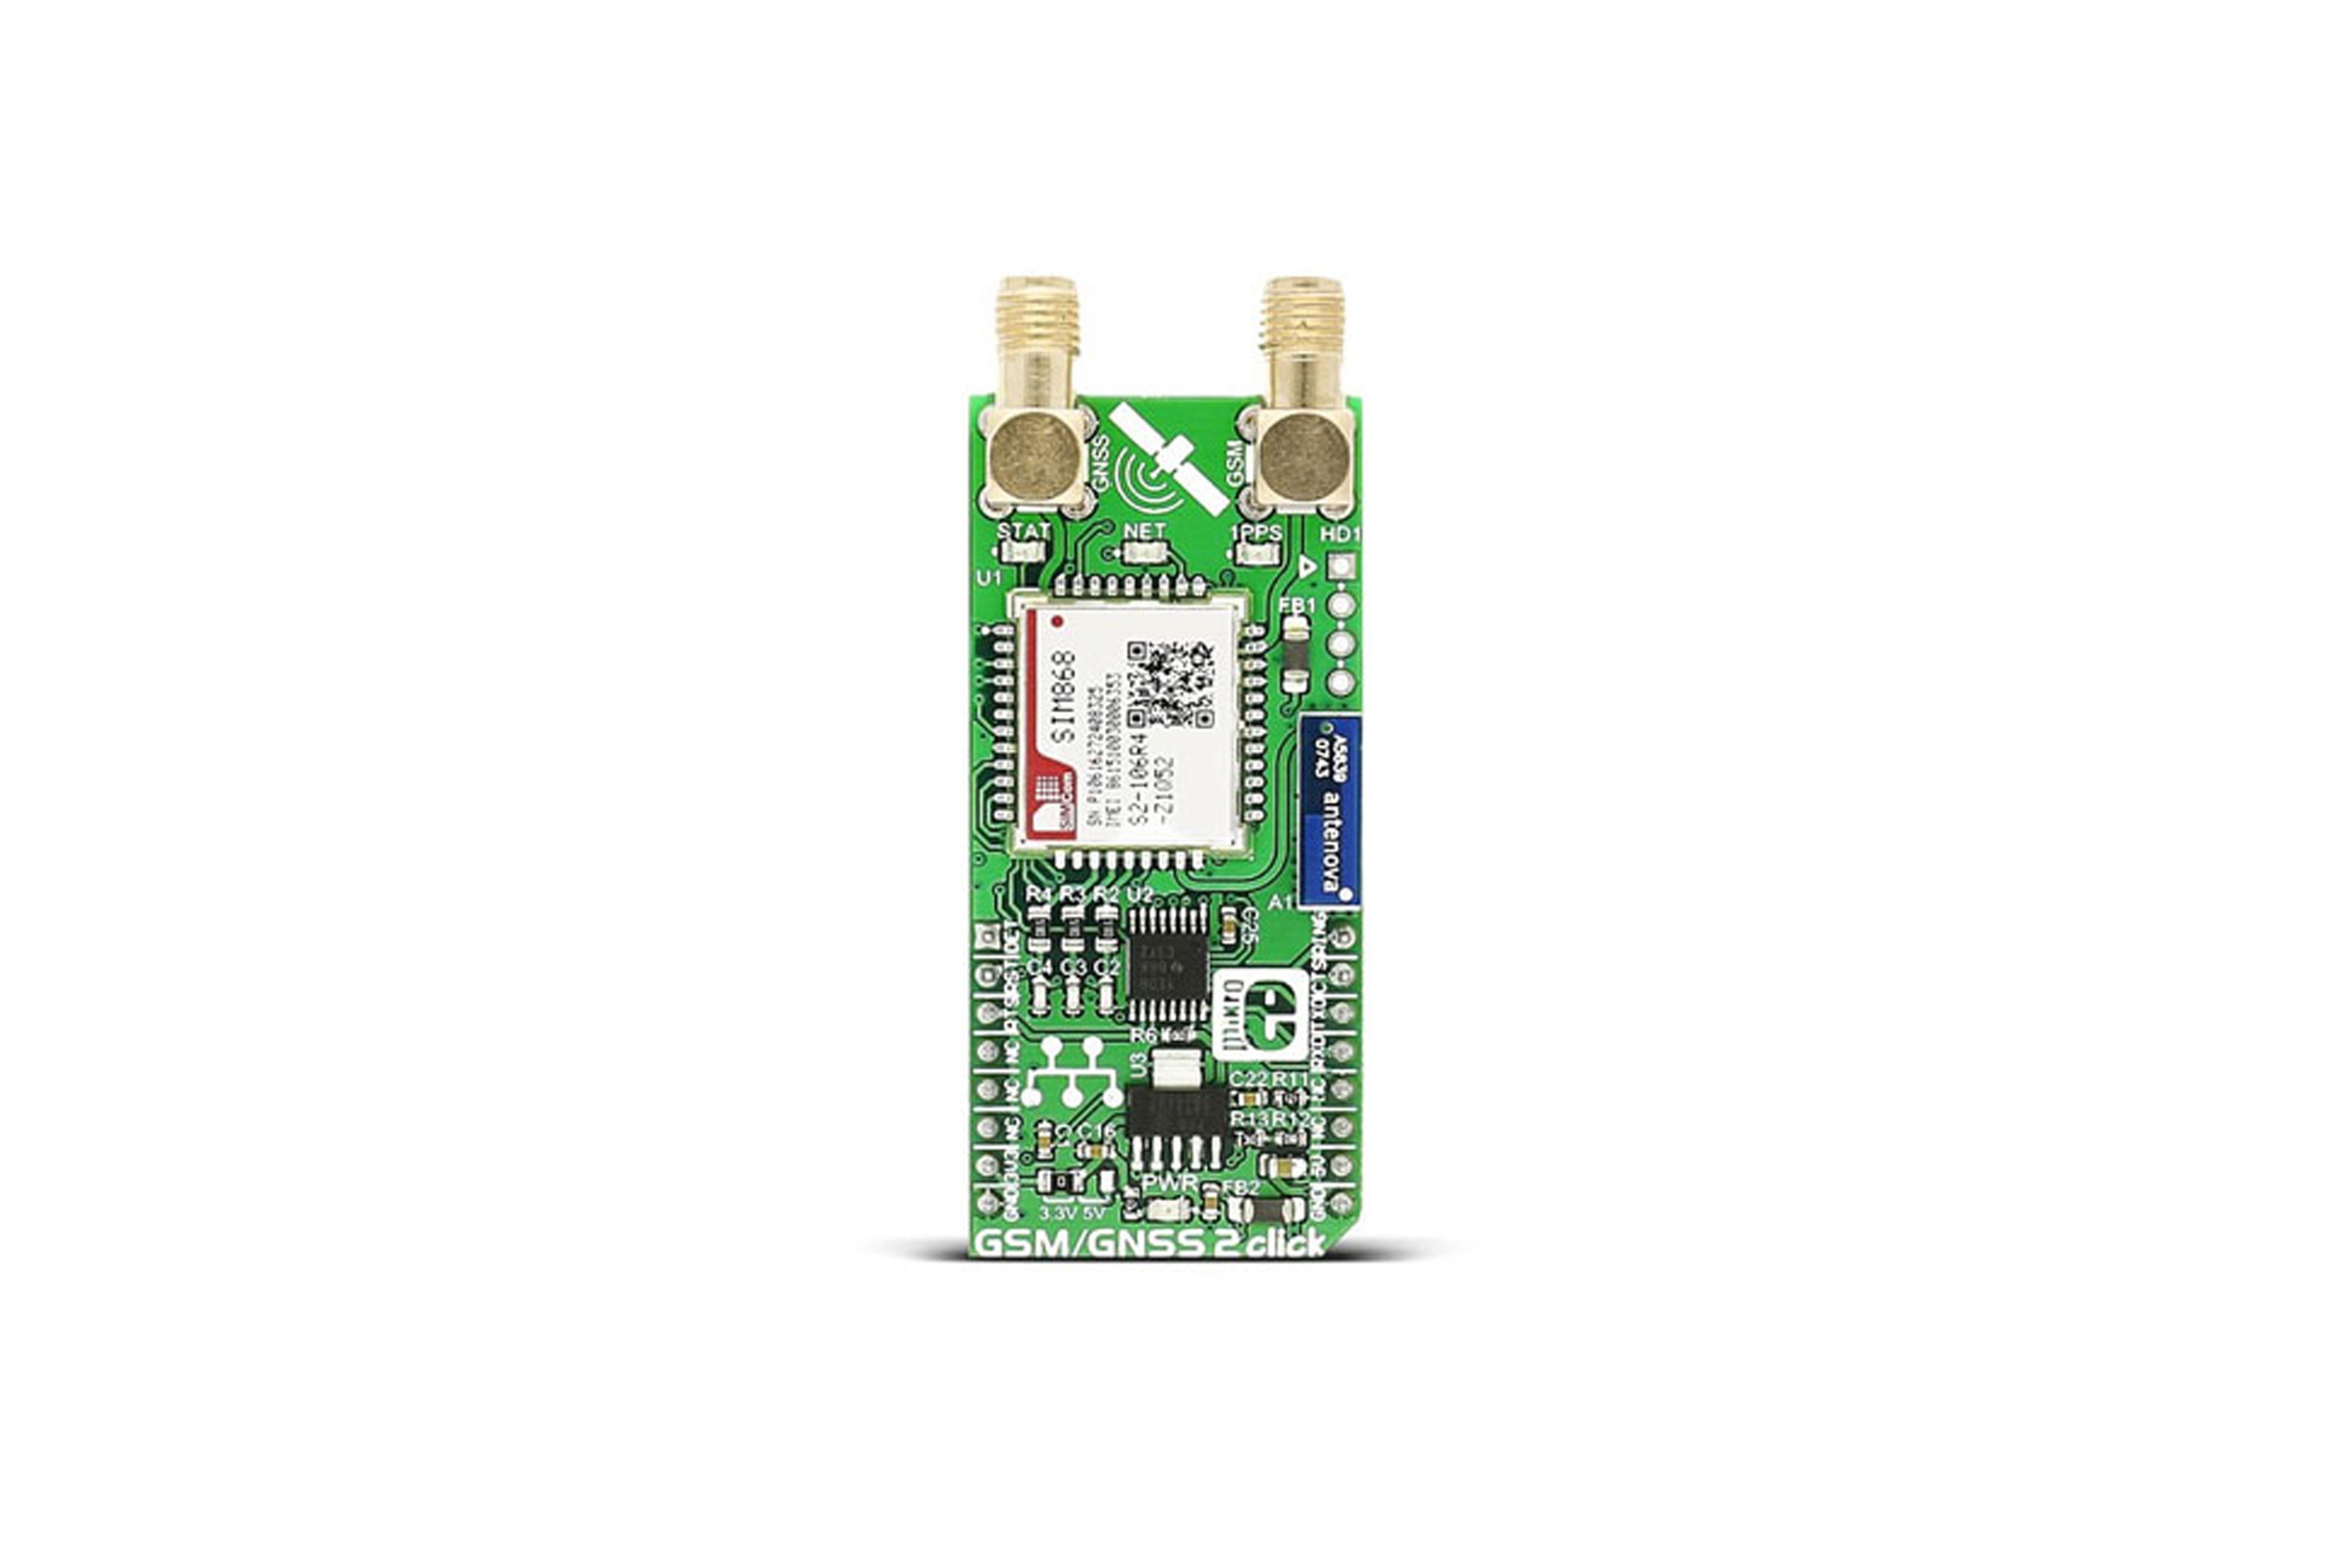 CARTEÀ CLIC GSM/GNSS 2, MIKROE-2440